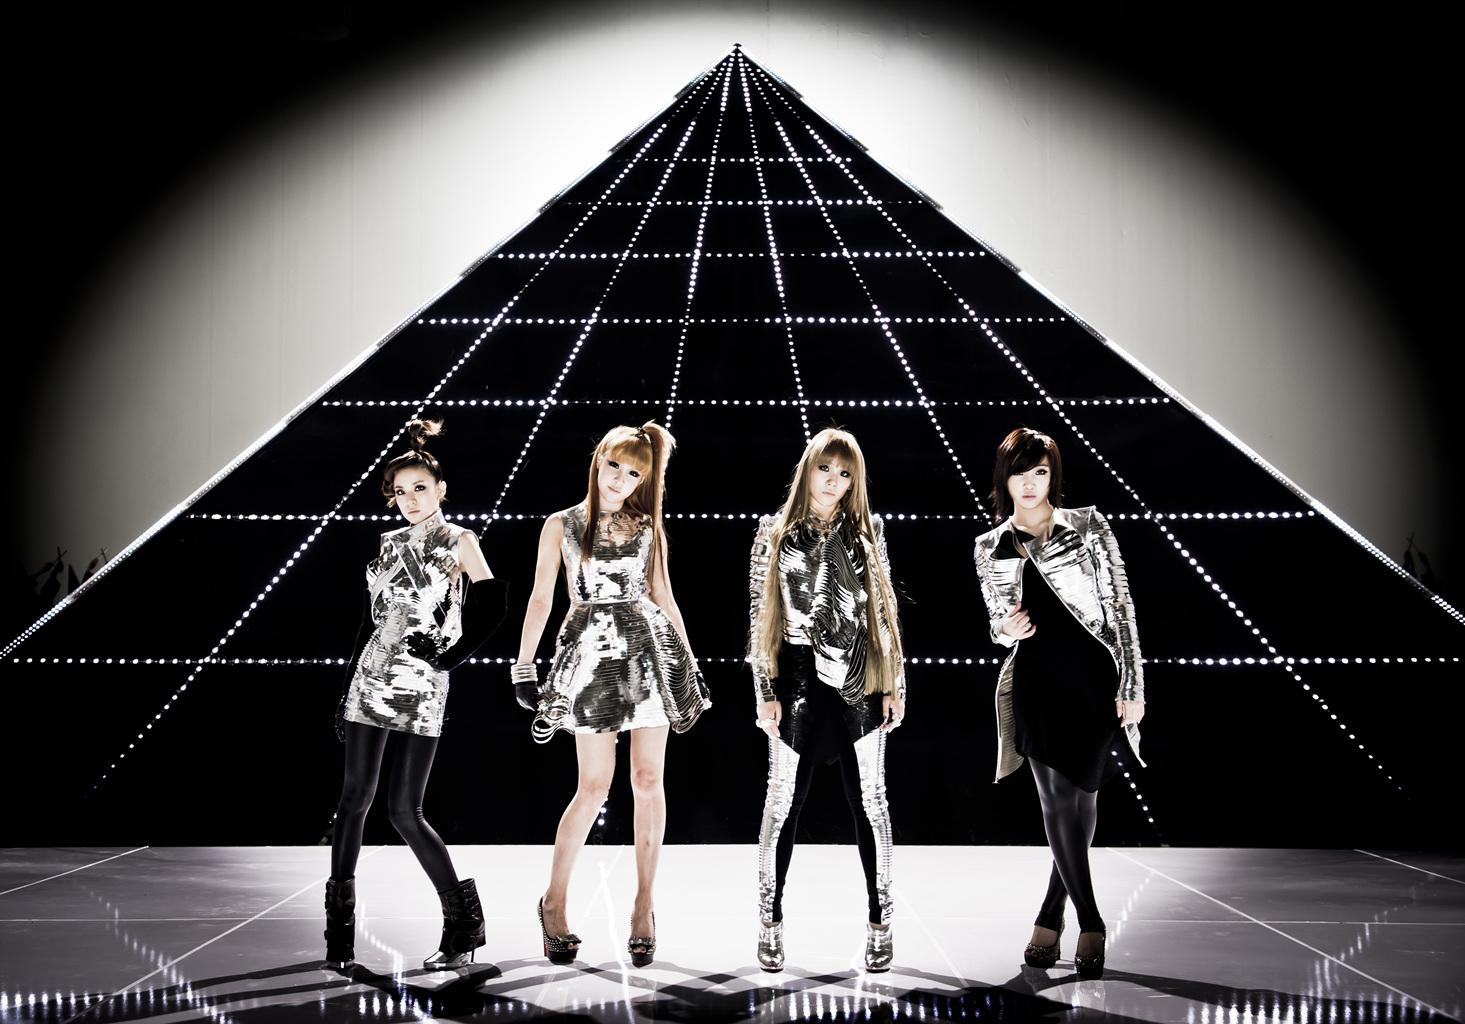 2NE1) I'm The Best ~Lyric n Translation~ | EastAsiaLicious